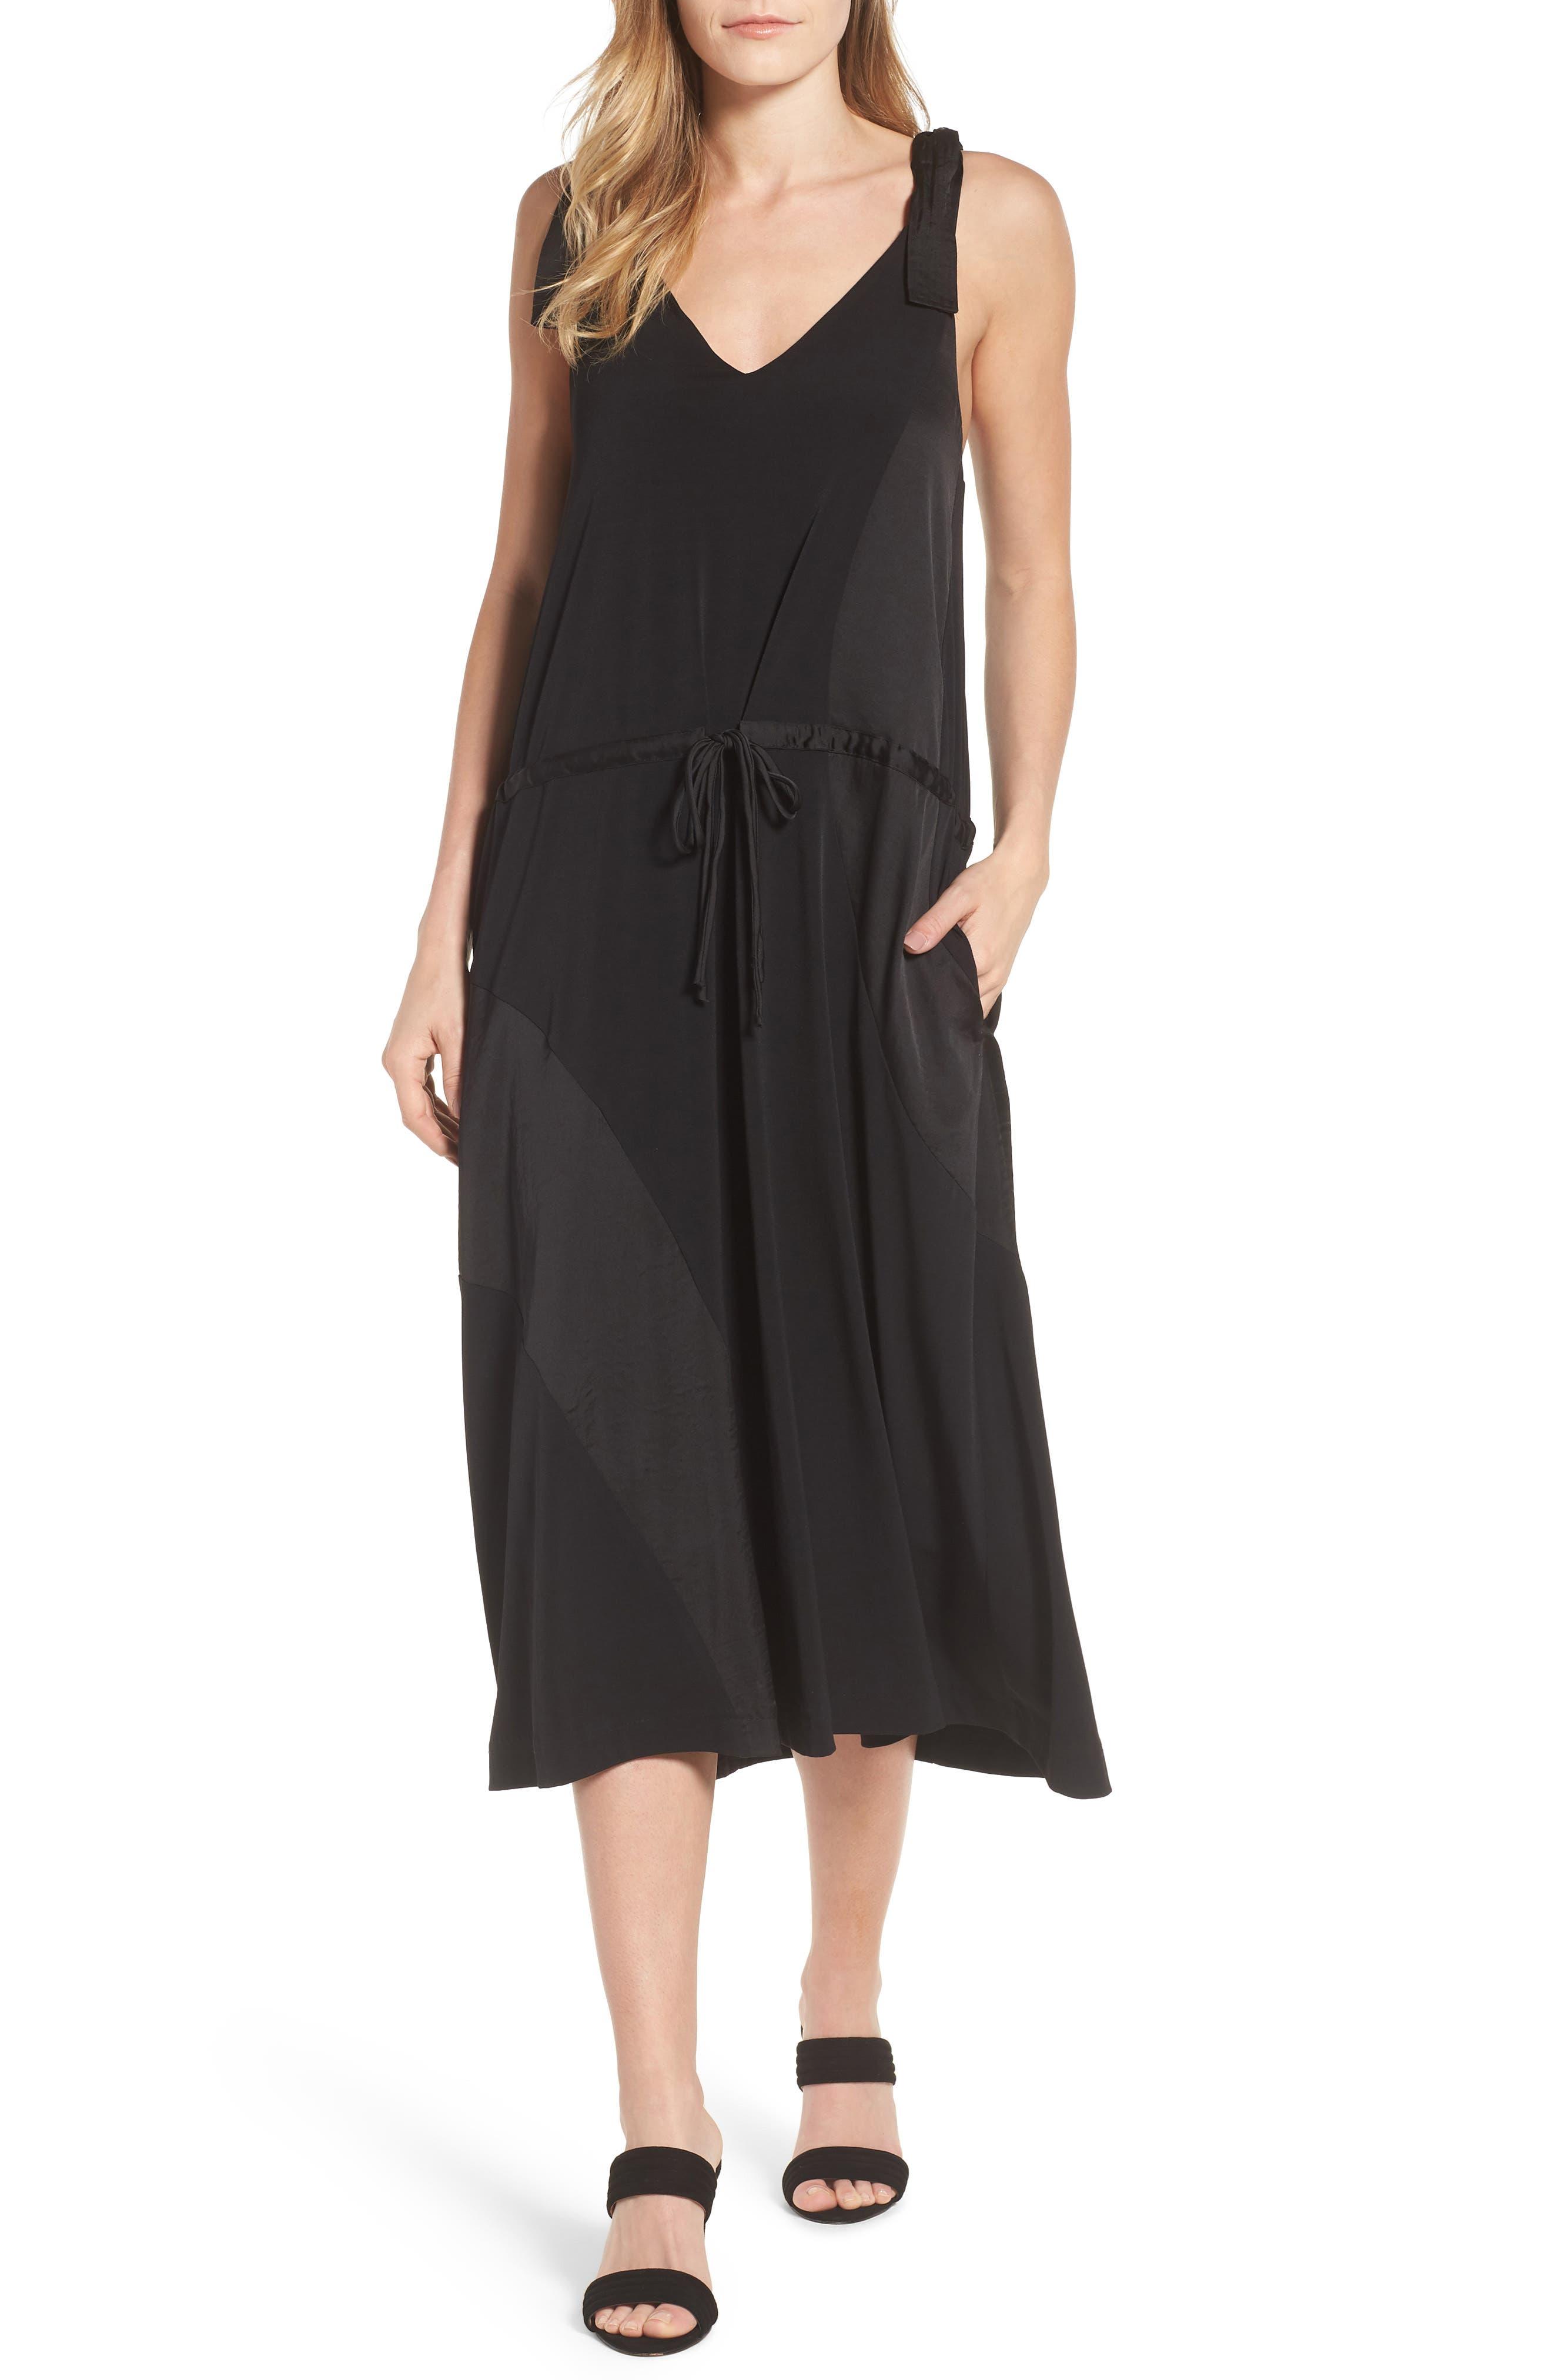 Shoulder Tie Tank Dress,                             Main thumbnail 1, color,                             Black